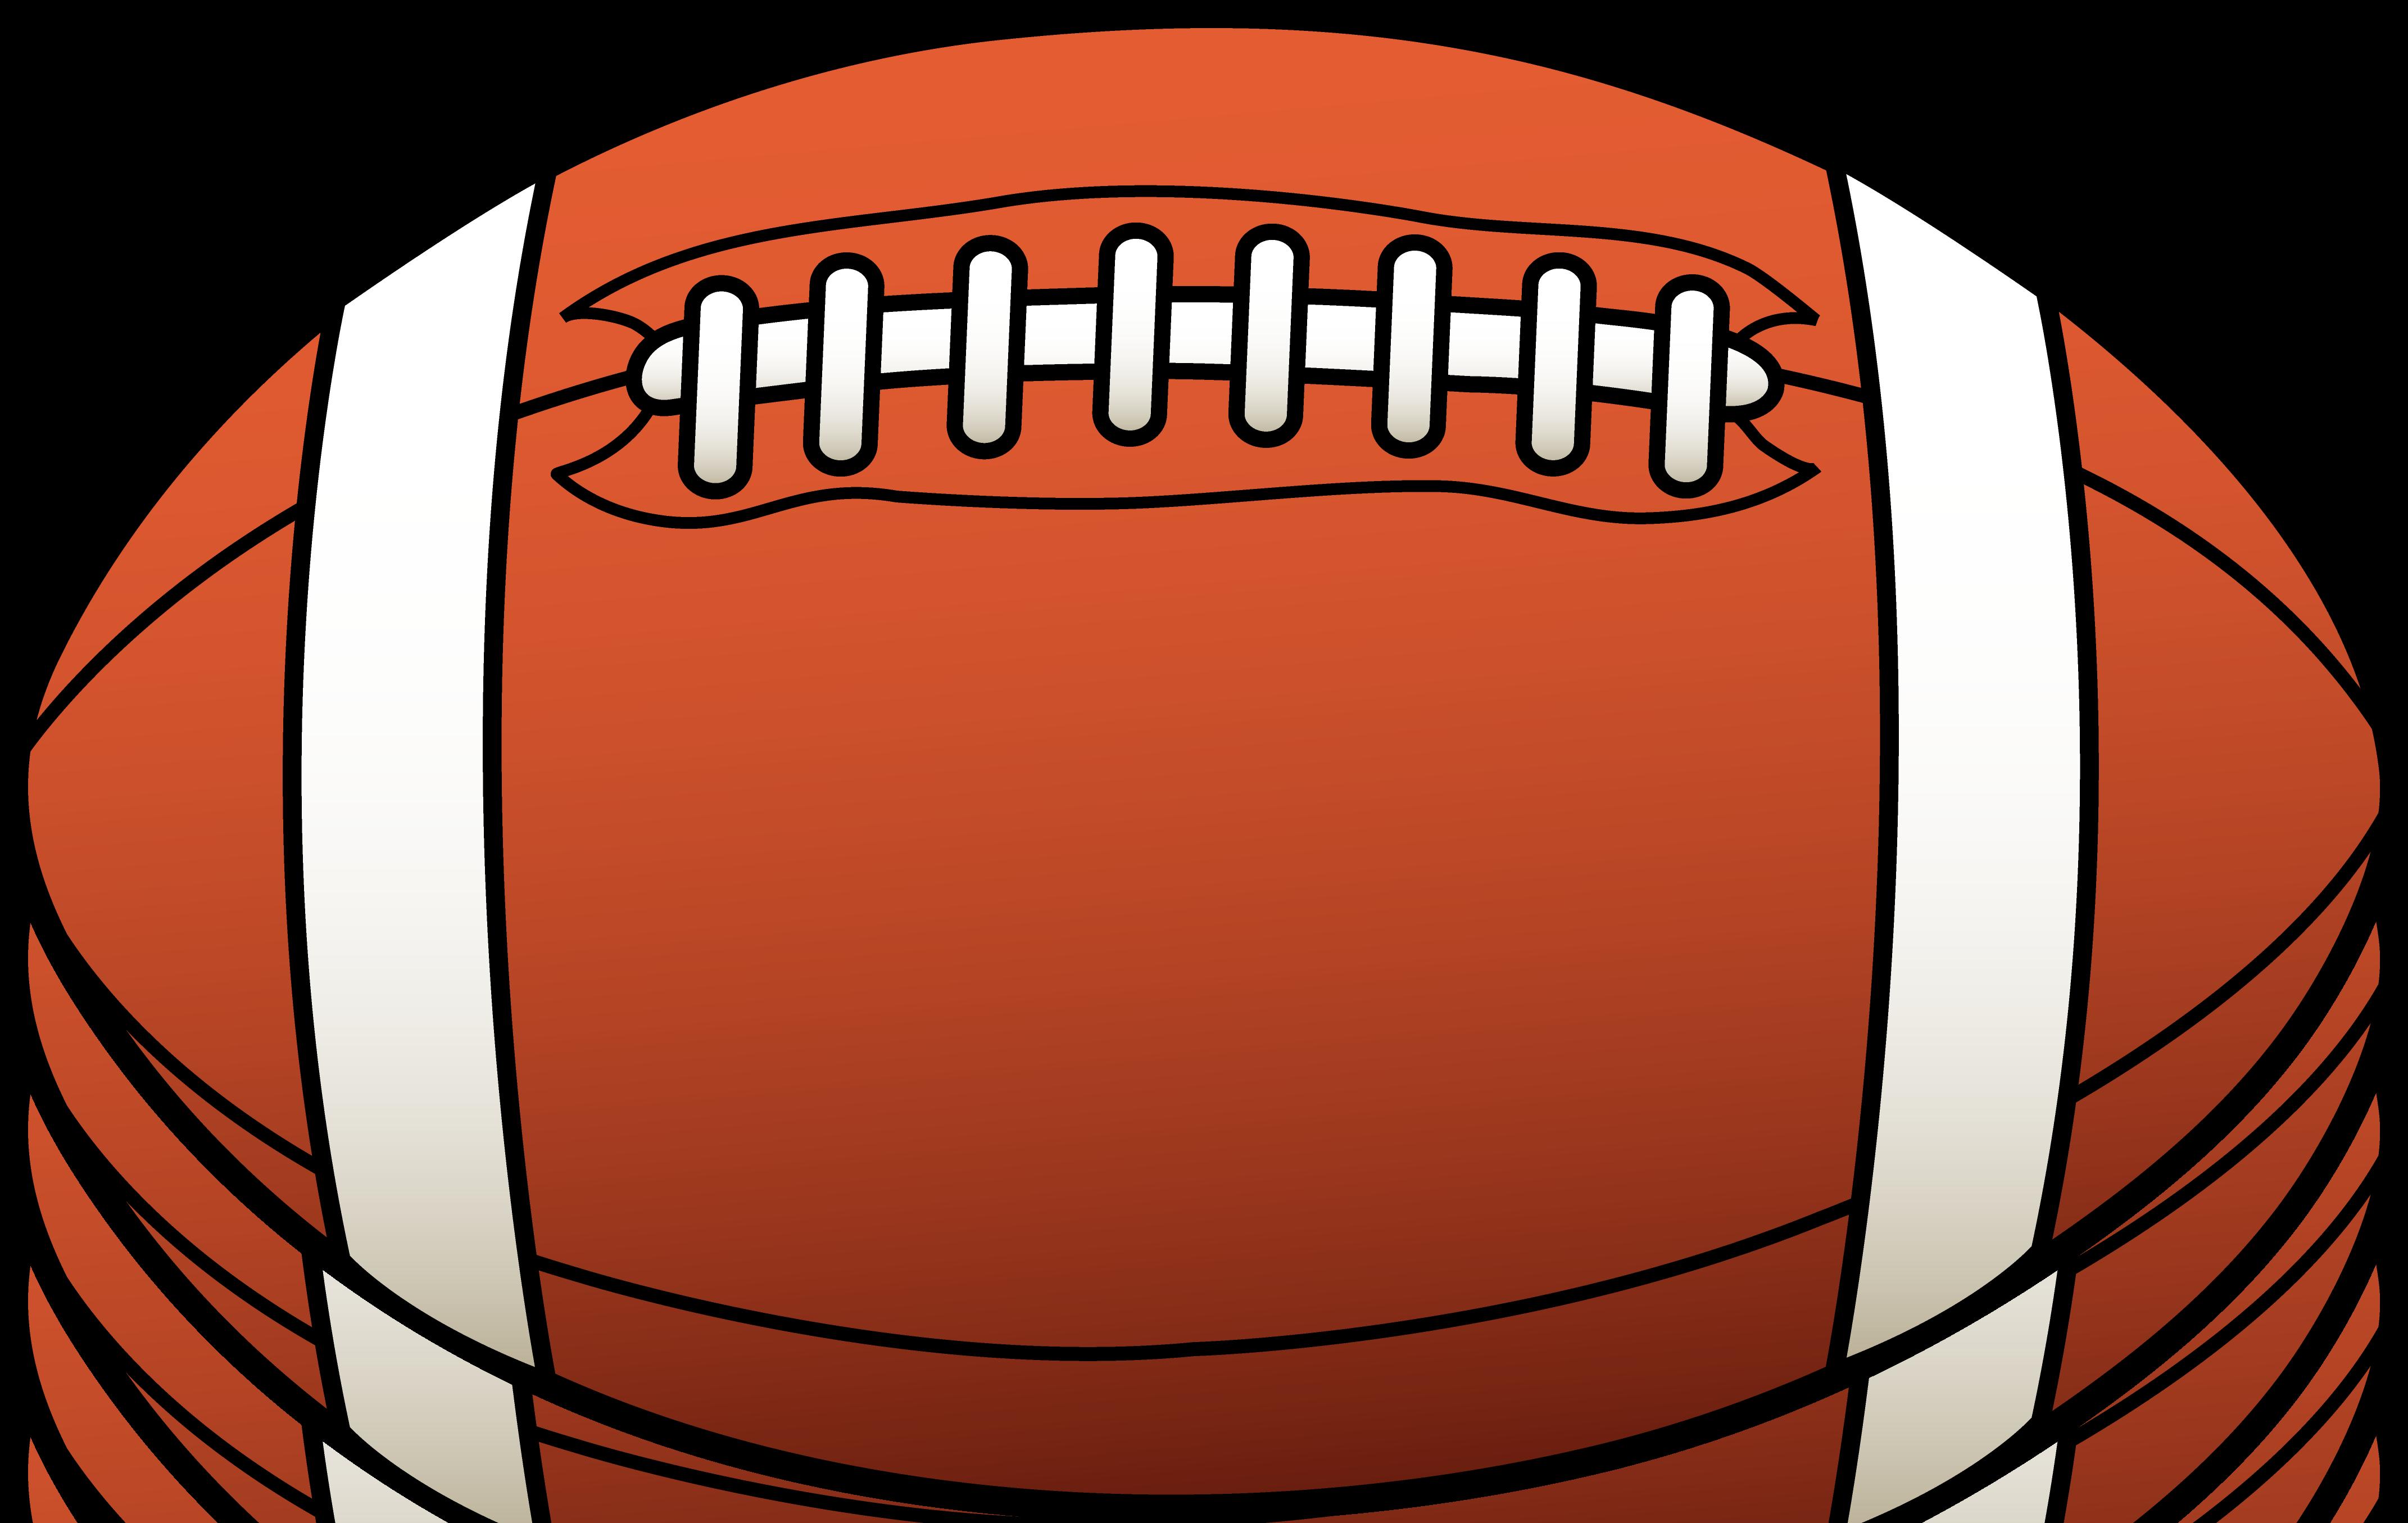 Football Clipart-football clipart-11